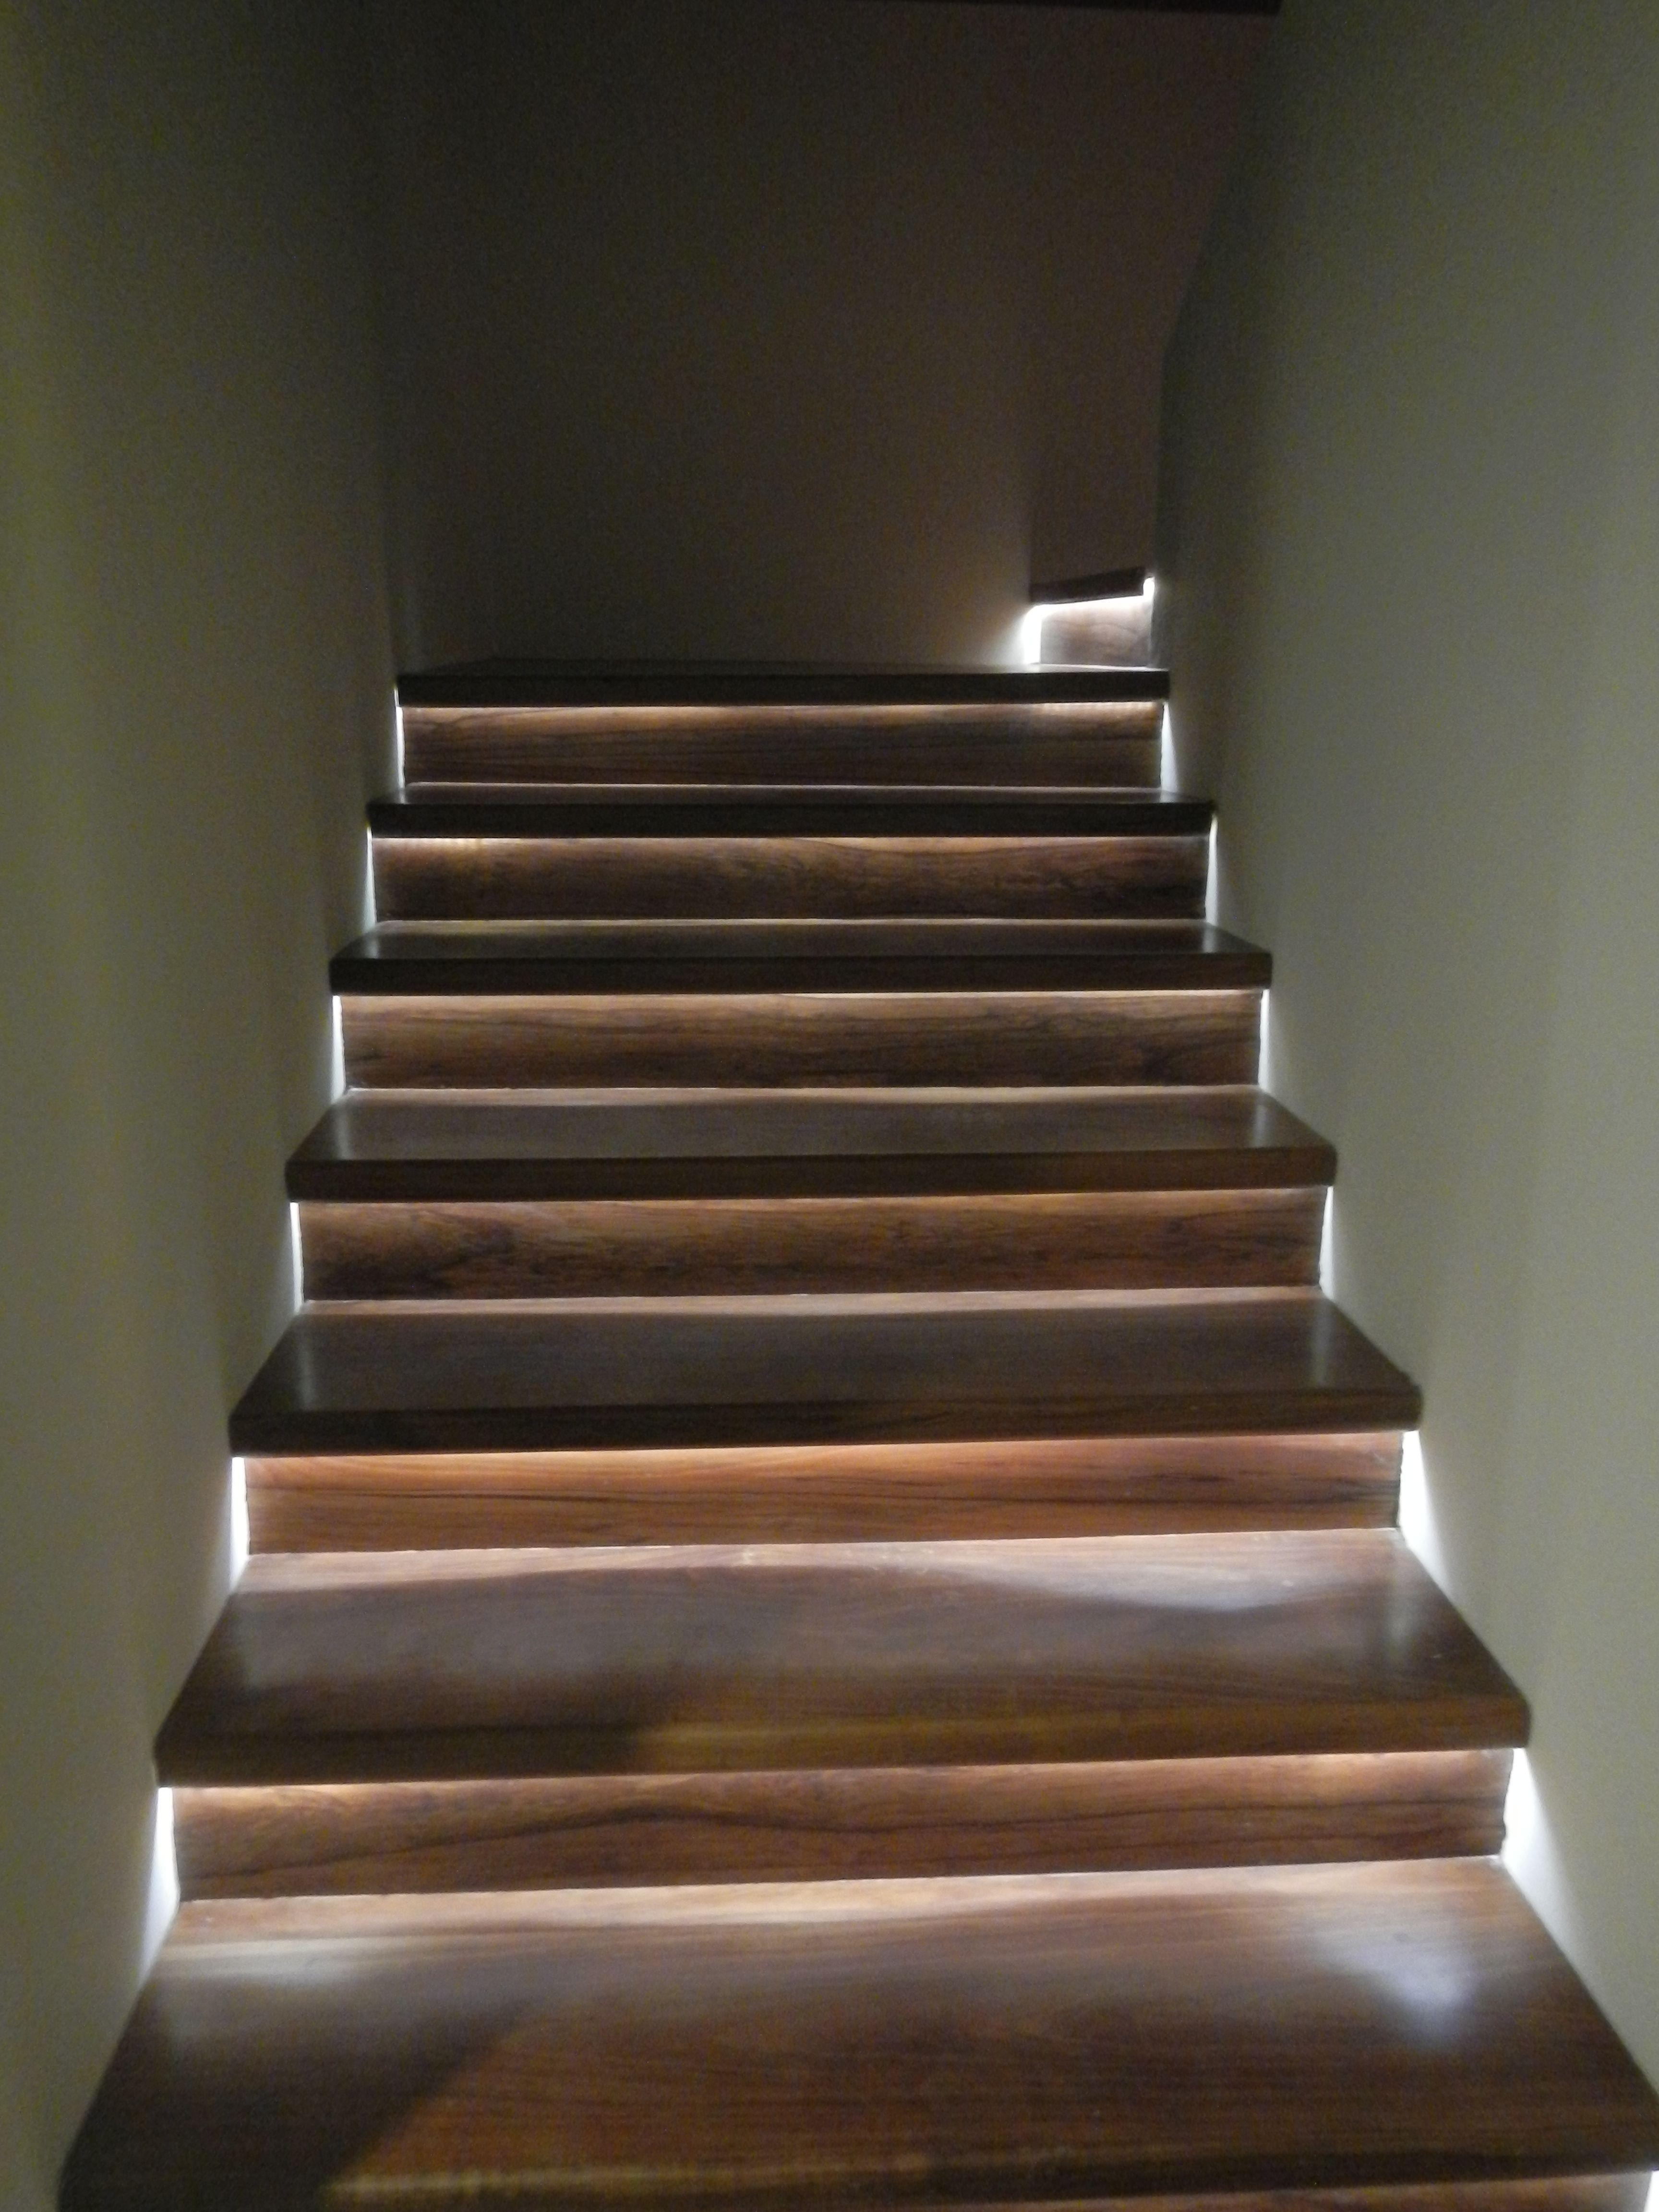 Iluminaci n indirecta en los escalones de la escalera con led interiorismo iluminaci n - Iluminacion indirecta led ...